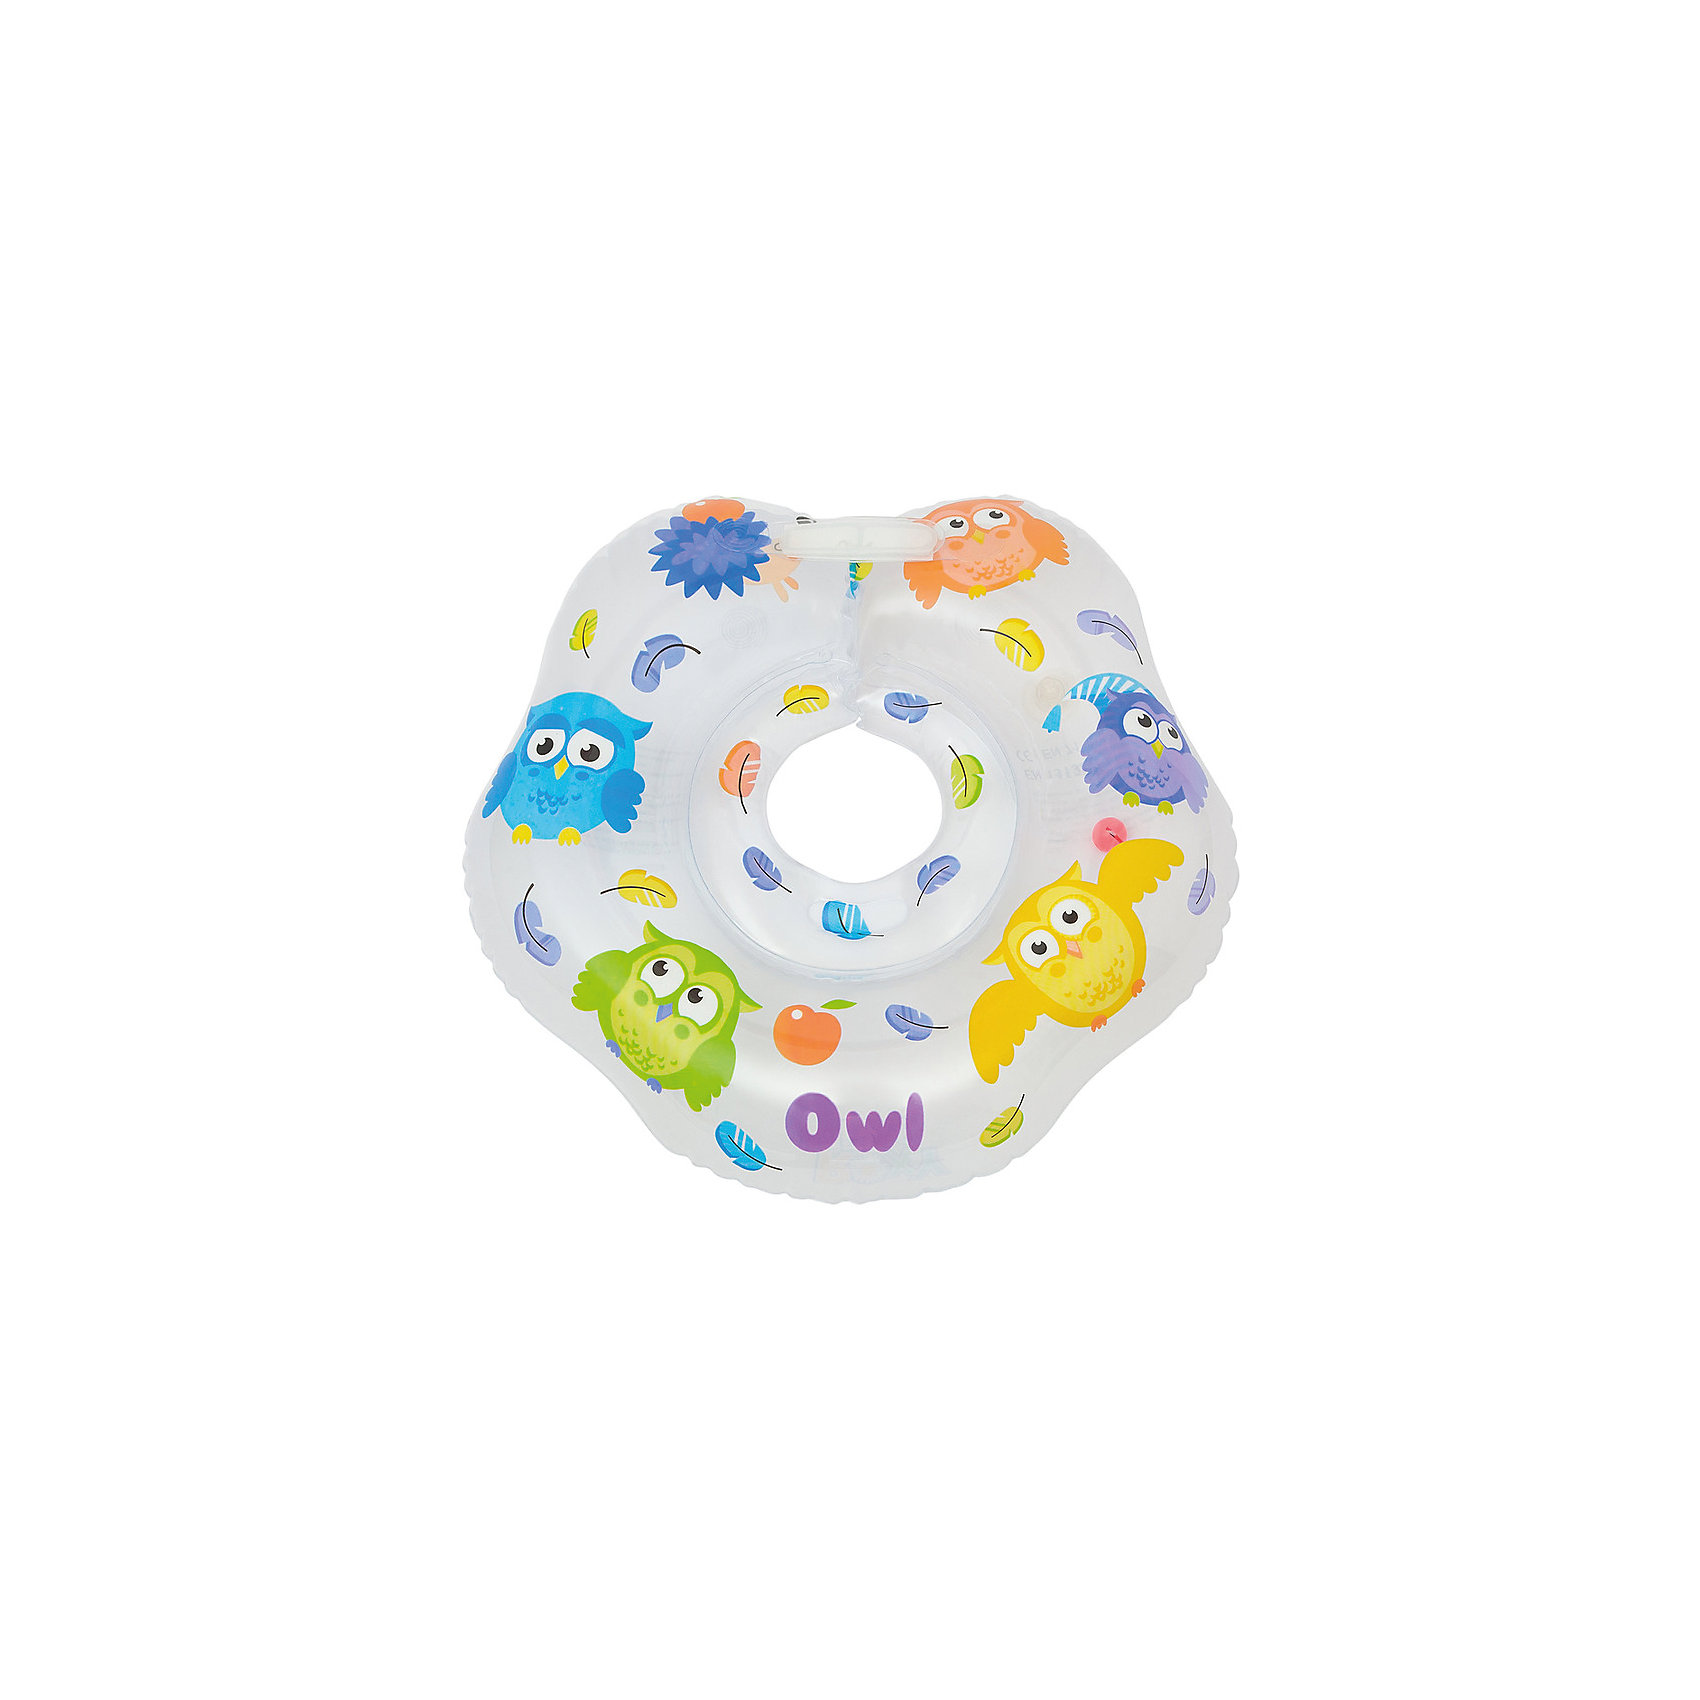 Круг на шею для купания Owl, Roxy-KidsКруги для купания малыша<br>Круг на шею для купания OWL ROXY-KIDS создан для самых маленьких детей. Родители оценят безопасность круга, гипоаллергенный материал и удобство в использовании. Малыши приходят в восторг от ярких, крупных рисунков на поверхности круга. Круг OWL Roxy может ежедневно использоваться детьми, которые весят не больше восемнадцати килограммов.<br><br>Преимущества круга:<br><br>- удобная выемка для нежного подбородка младенца;<br><br>- внутренний диаметр круга регулируется специальной застежкой и карабином!<br><br>- фирменный гладкий внутренний шов круга не травмирует на шею ребенка;<br><br>Набираем ванну, надеваем круг, фиксируем застежки и — вперед к новым приключениям! Малыш может плавать самостоятельно, родители лишь контролируют процесс и направляют свое чадо! <br><br>Общие характеристики<br>Материал<br>...........................................................................................<br>ПВХ<br><br>Ширина мм: 150<br>Глубина мм: 5<br>Высота мм: 150<br>Вес г: 200<br>Возраст от месяцев: 0<br>Возраст до месяцев: 18<br>Пол: Унисекс<br>Возраст: Детский<br>SKU: 5578869